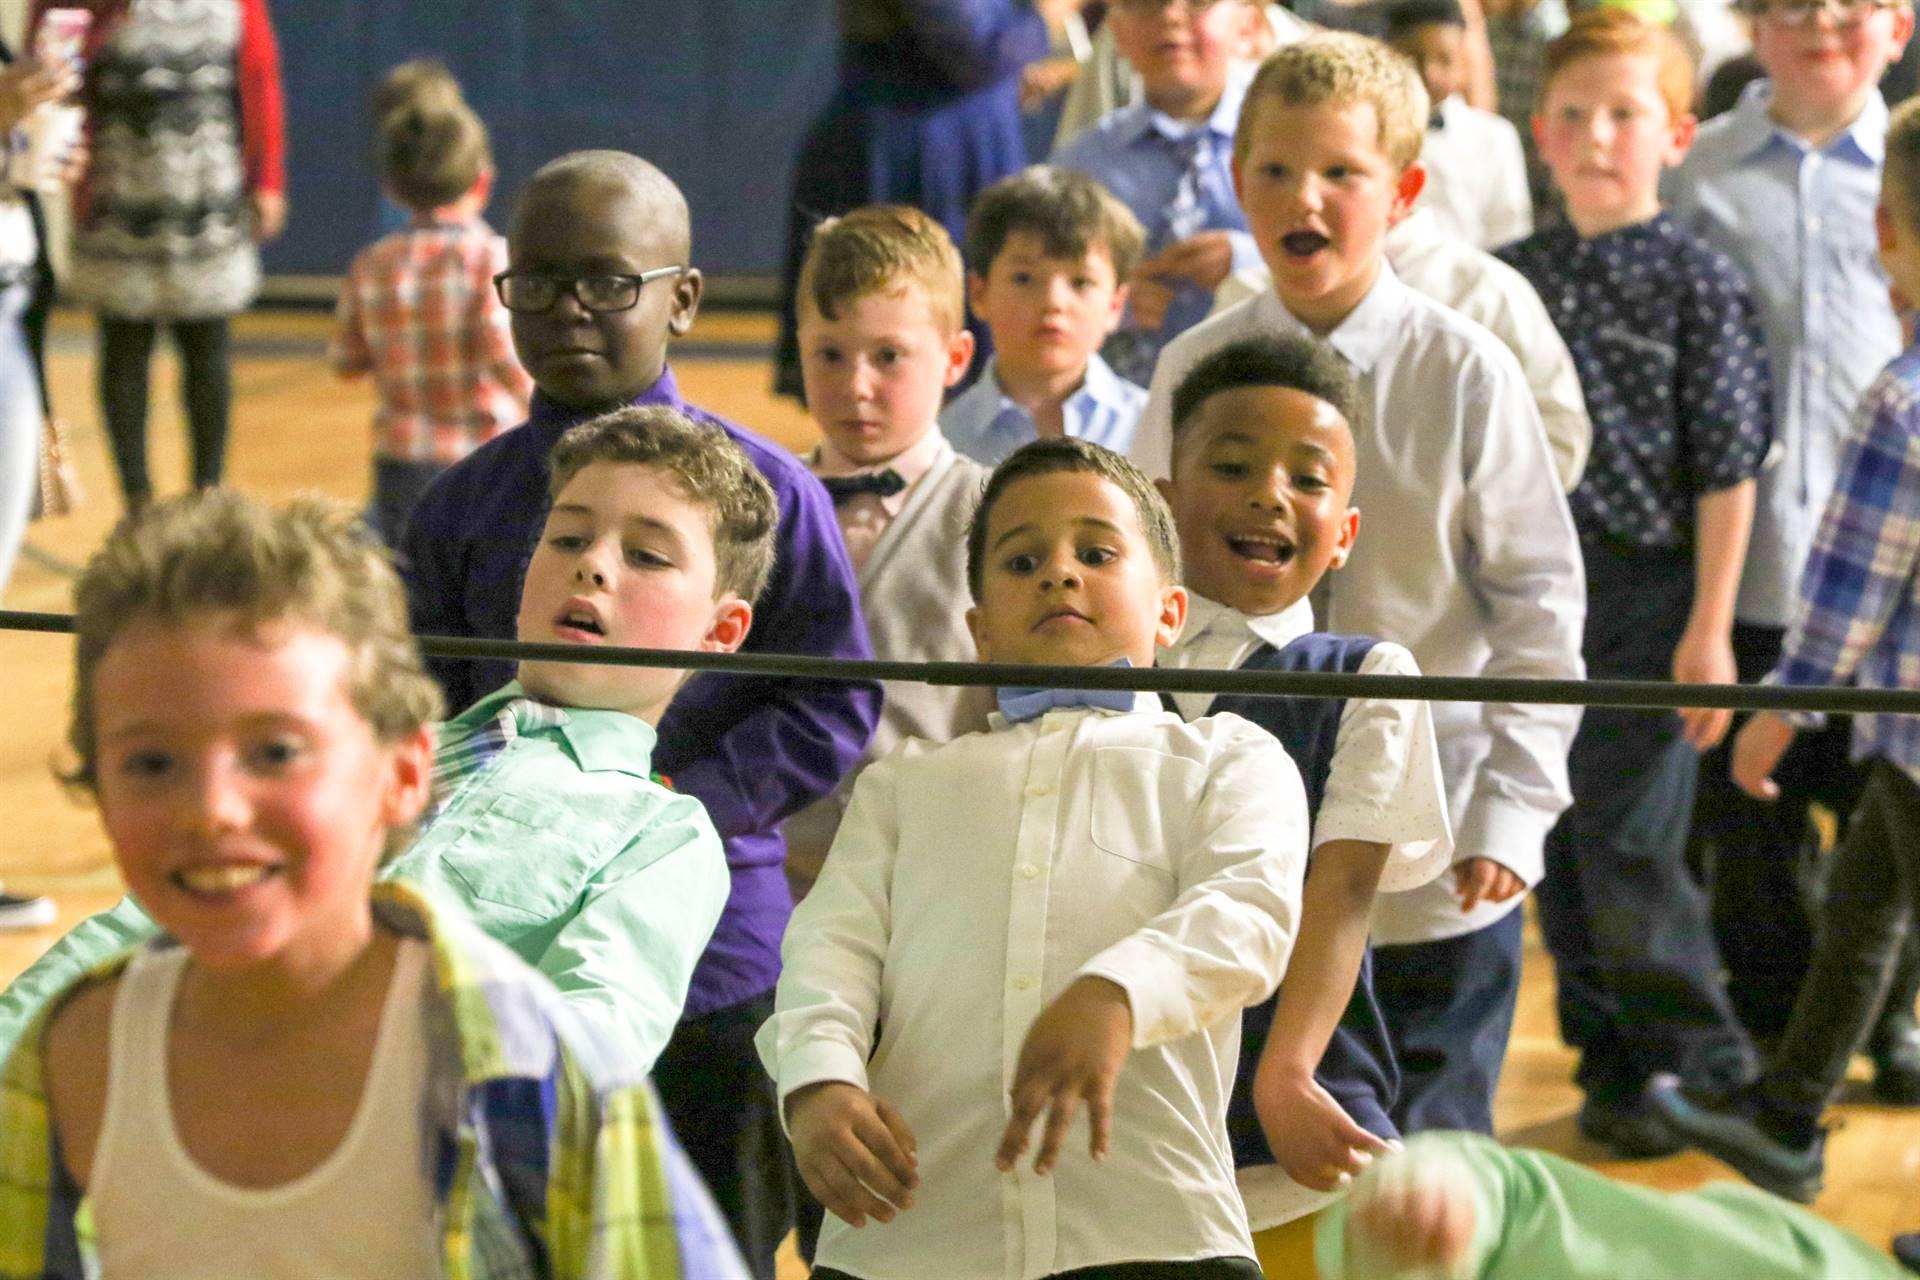 Kids doing limbo